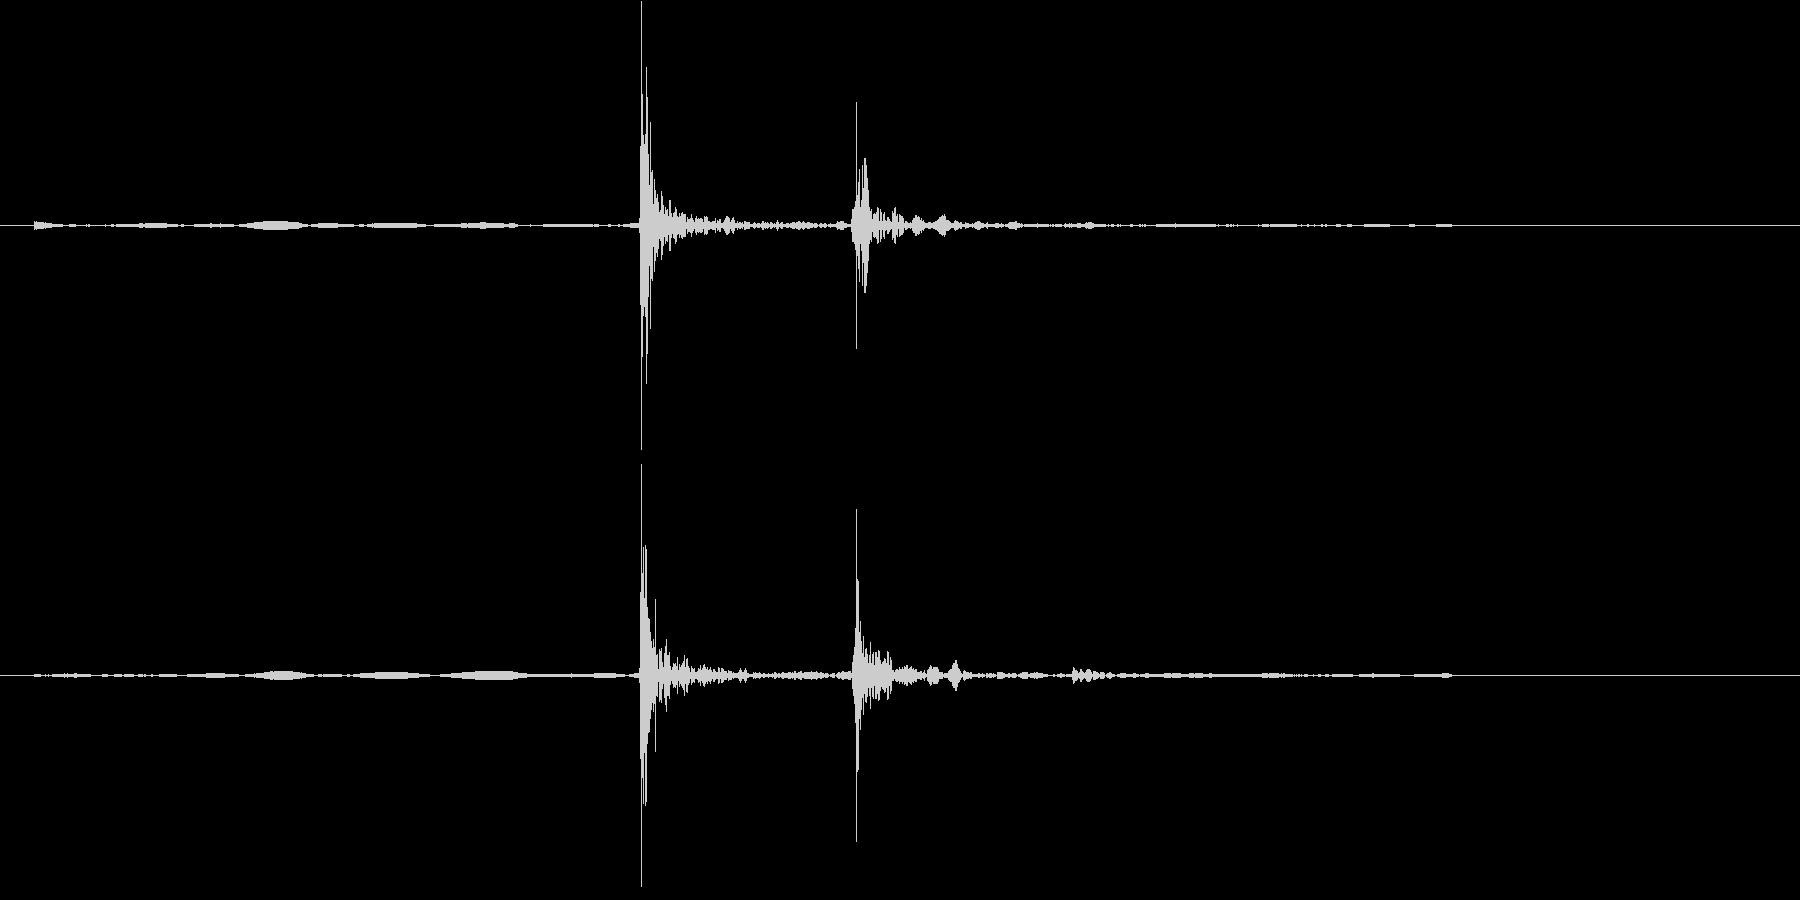 ガラステーブルに物を置く音の未再生の波形